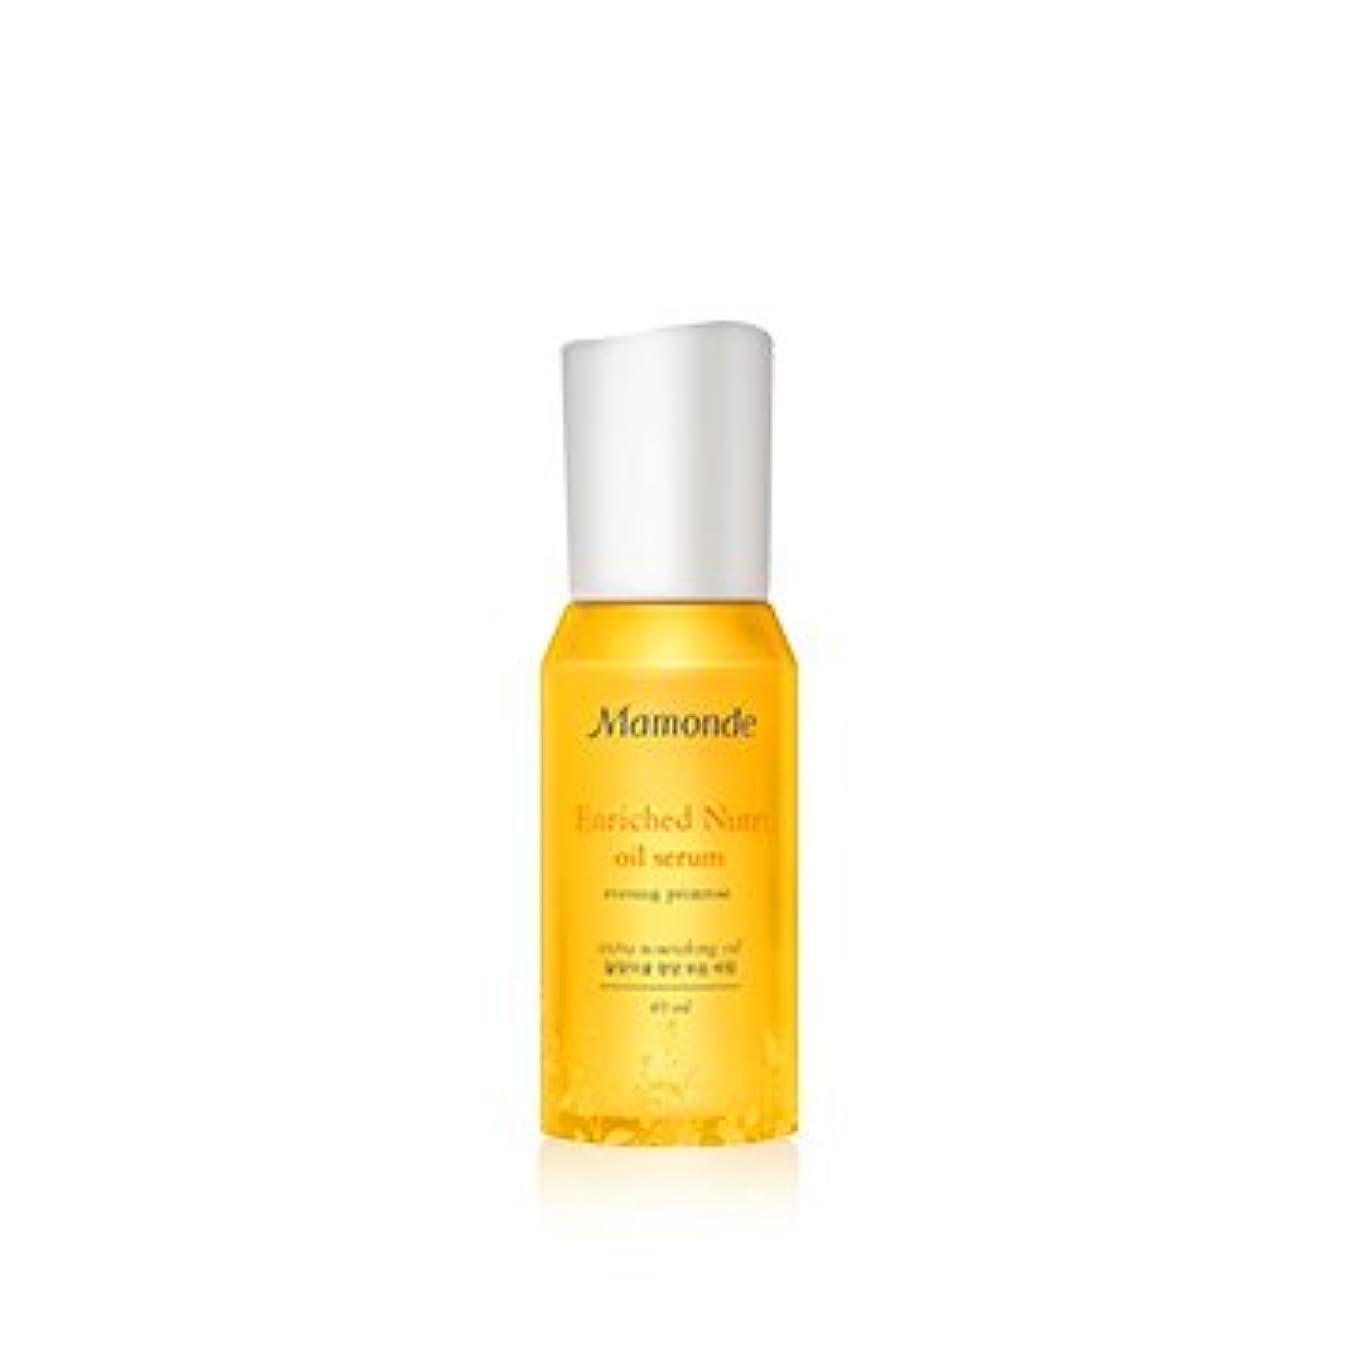 灰キルス米ドル[New] Mamonde Enriched Nutri Oil Serum 40ml/マモンド エンリッチド ニュートリ オイル セラム 40ml